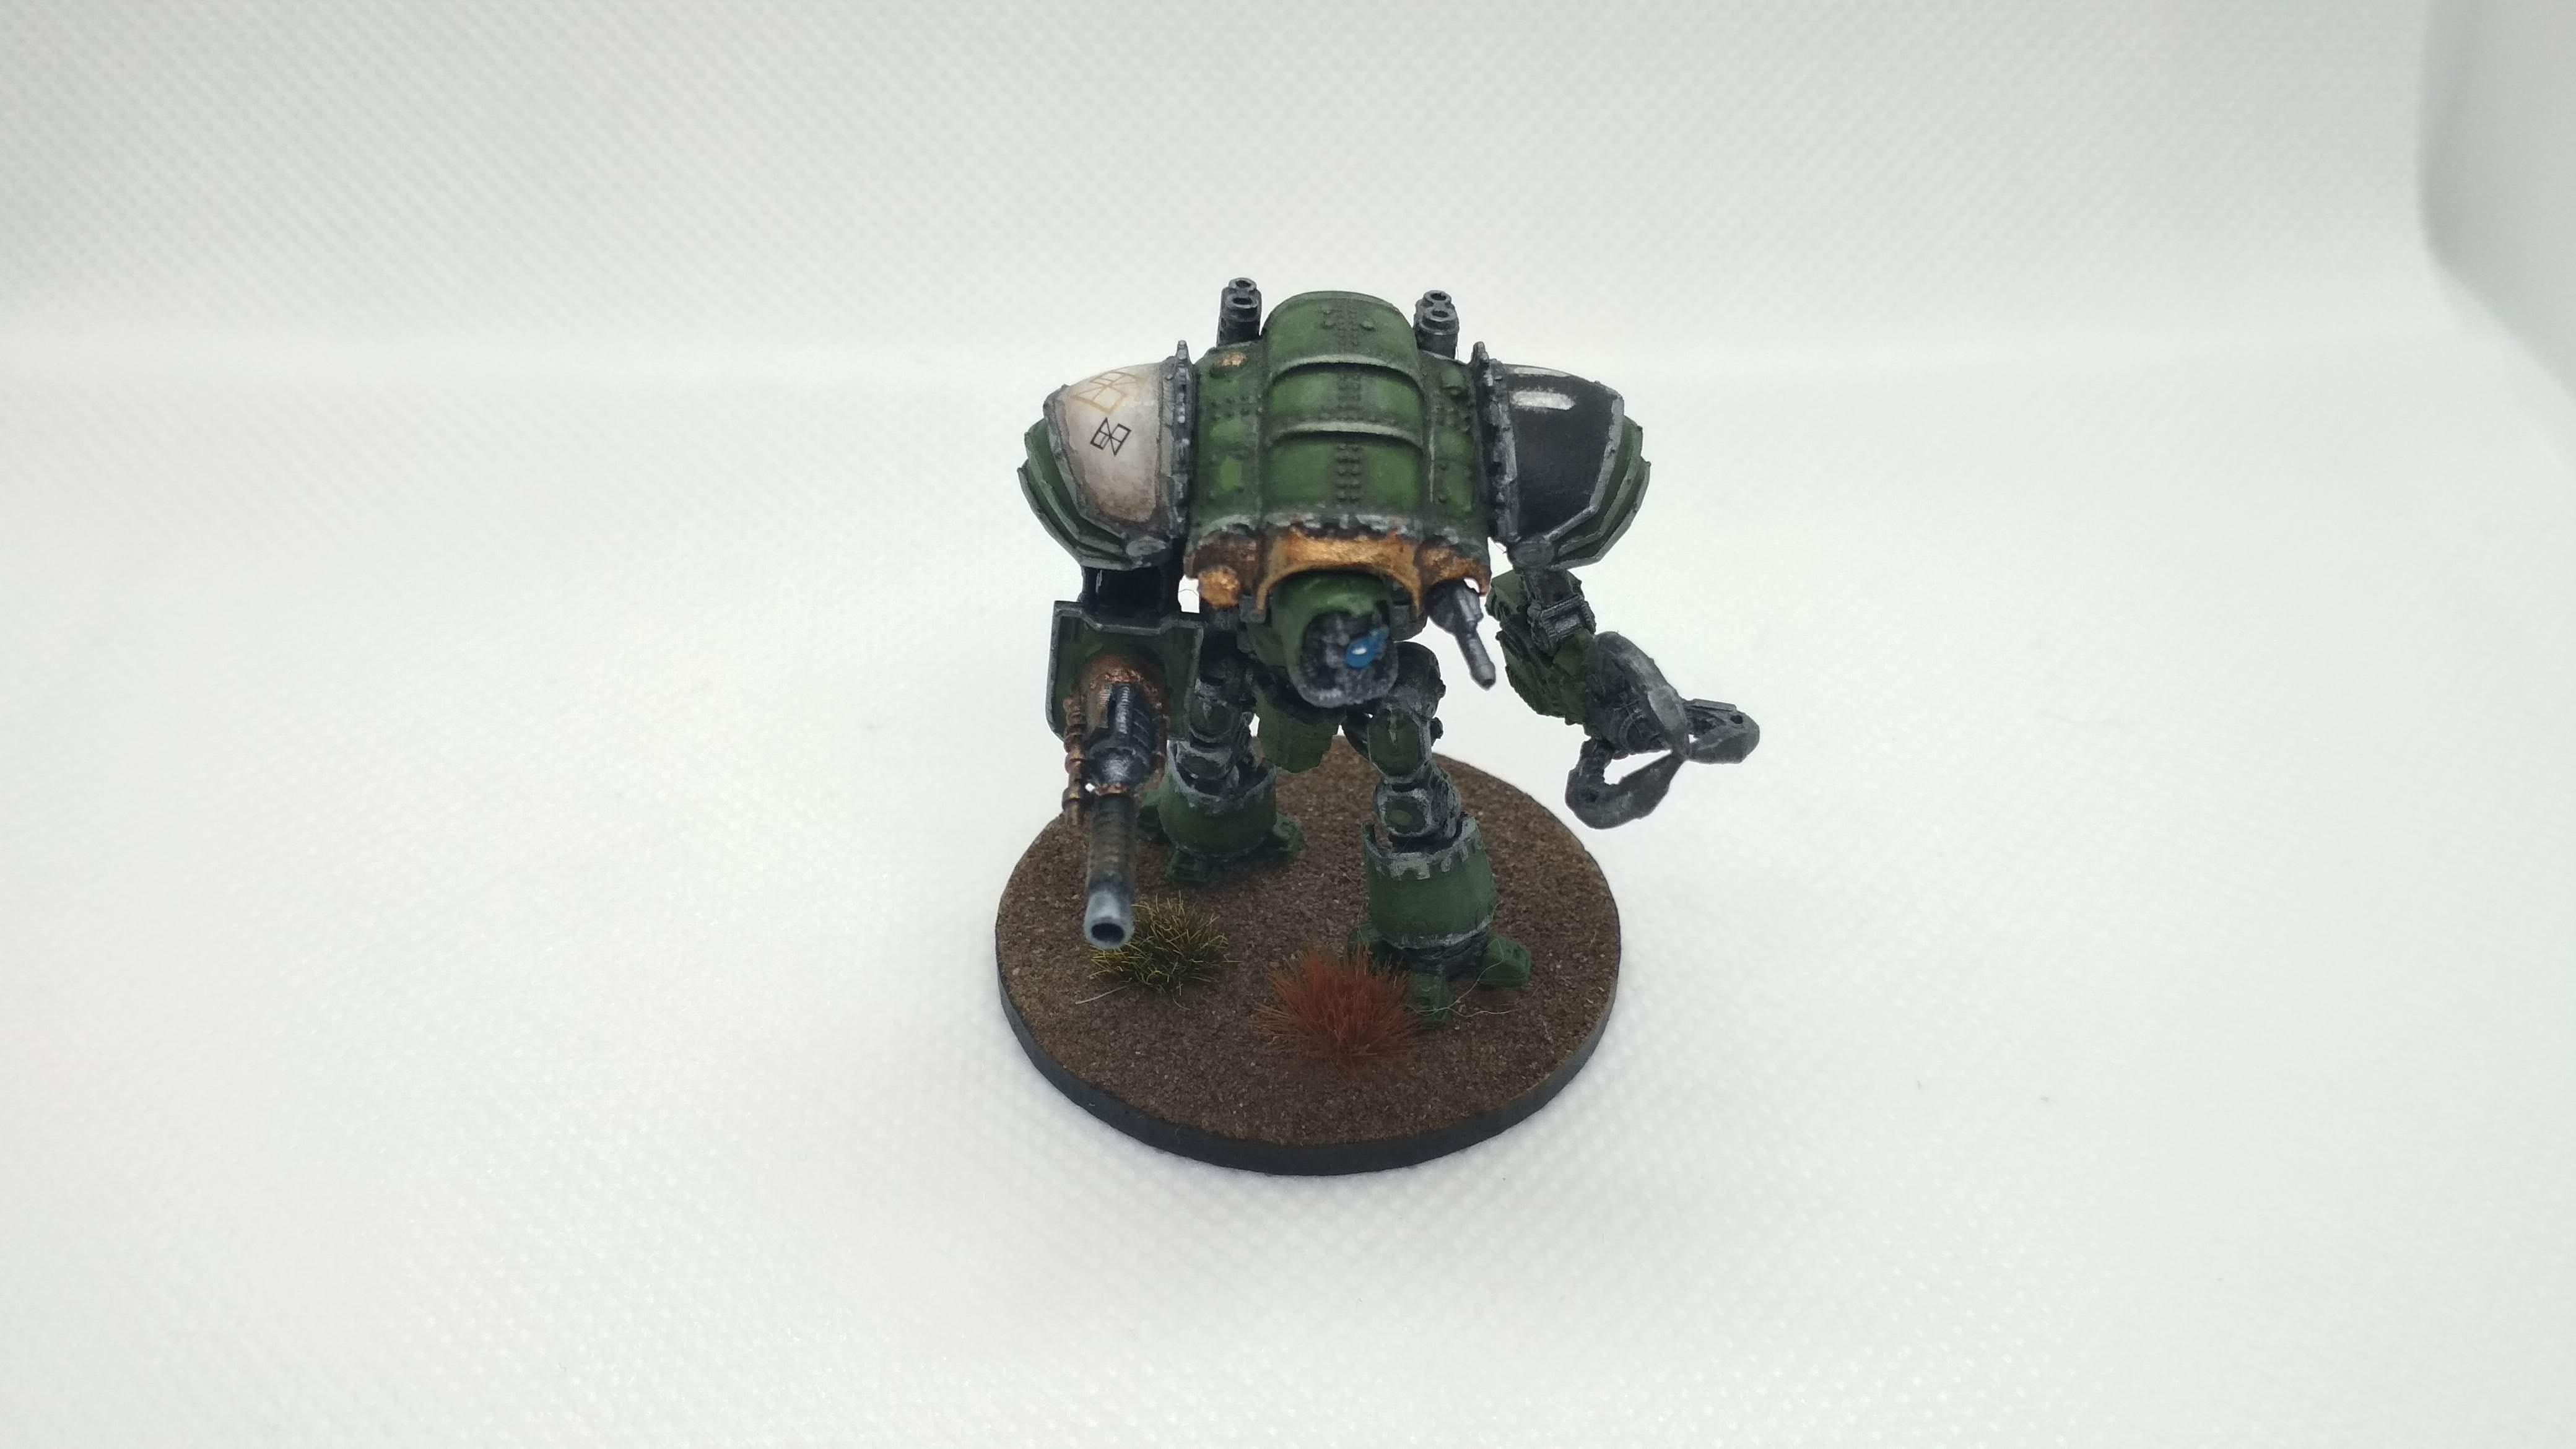 Knight magaera epic armageddon